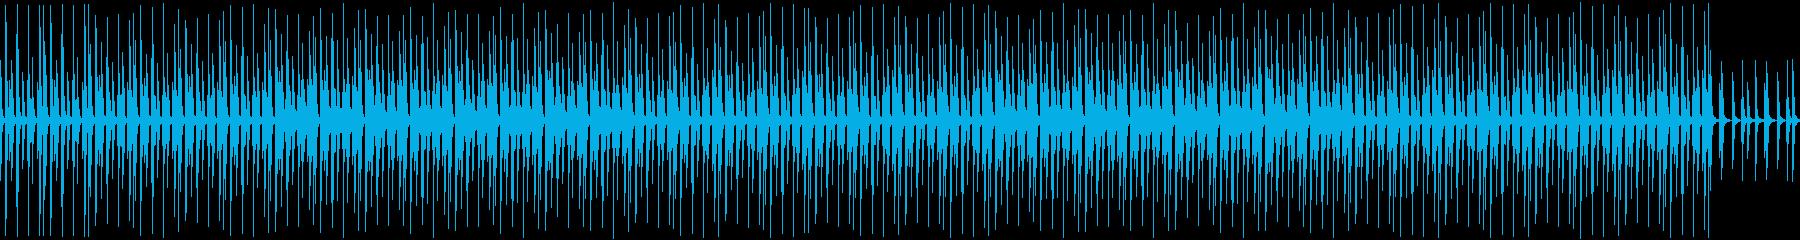 YouTube・ほのぼの優しい・かわいいの再生済みの波形